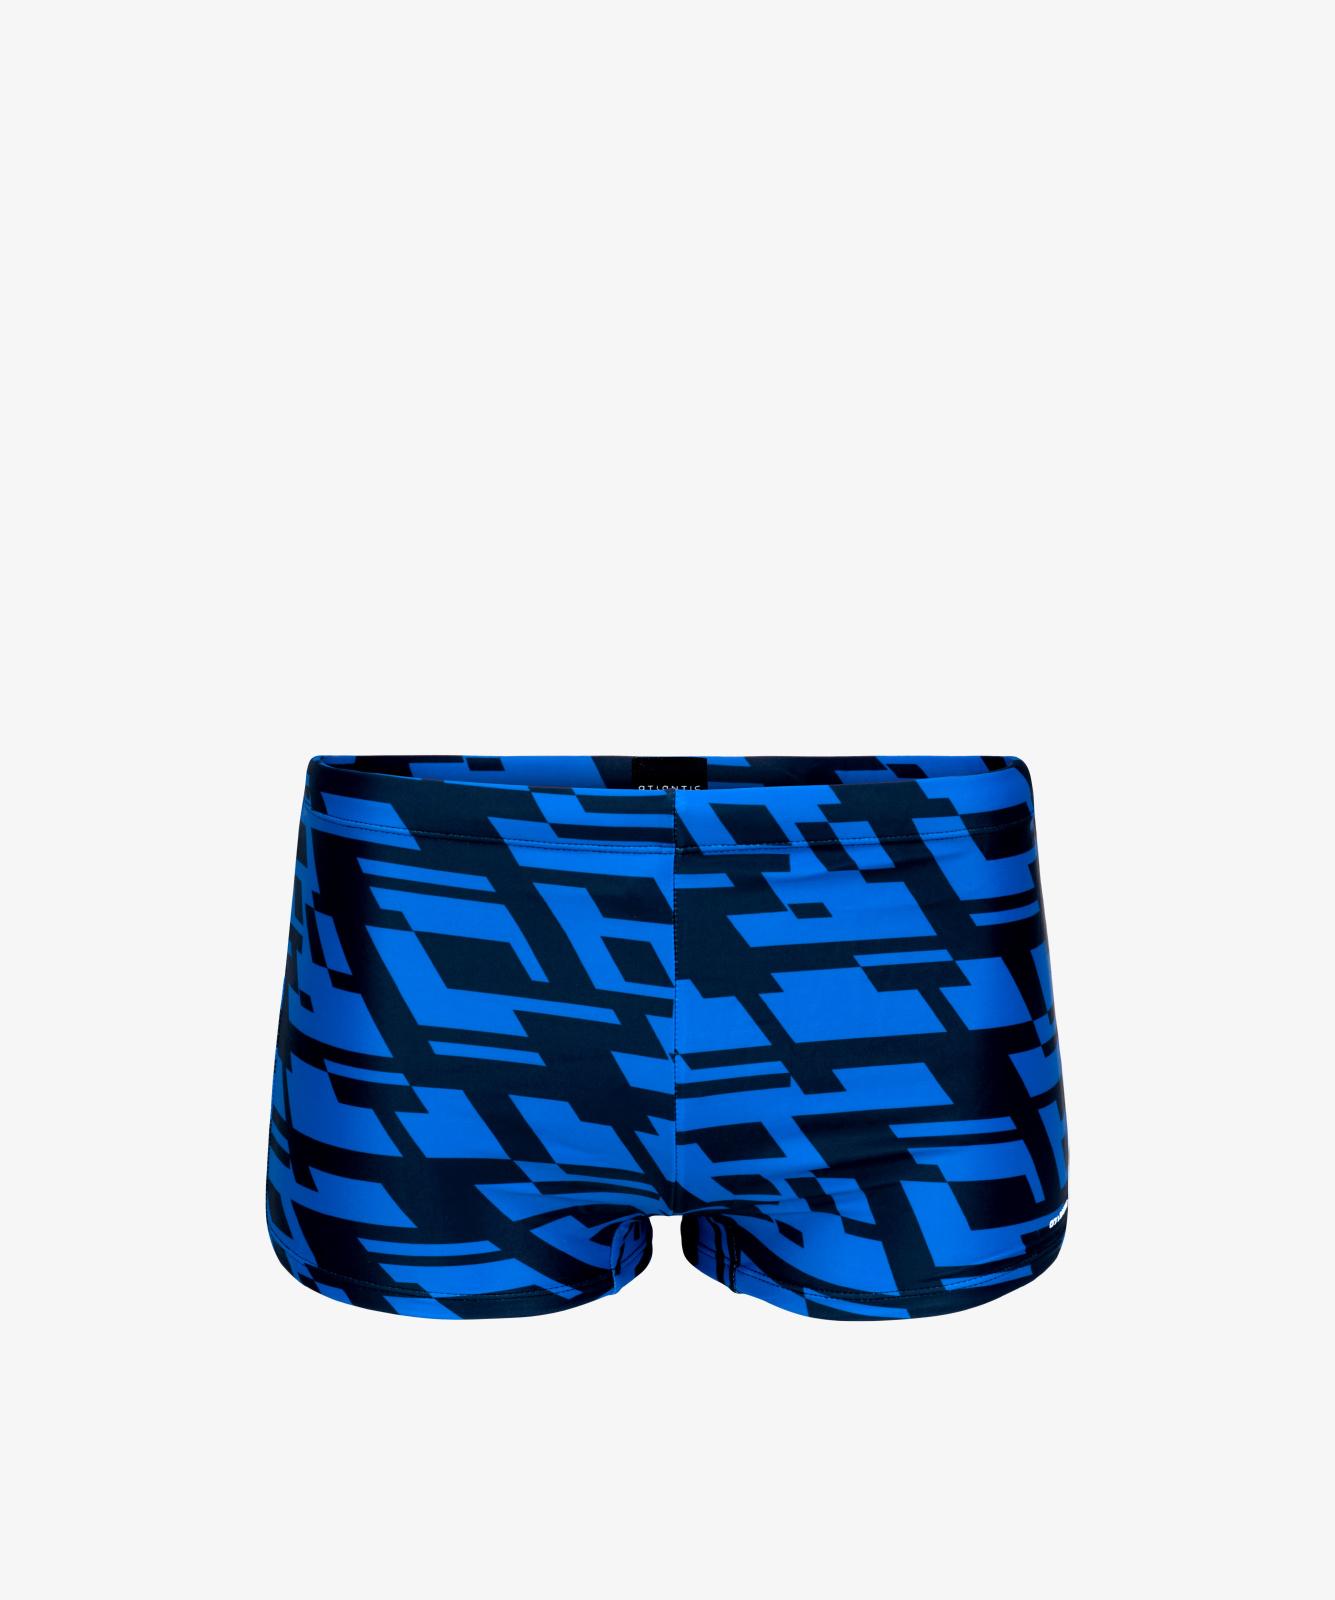 Купальные шорты мужские Atlantic, 1 шт. в уп., полиамид, голубые, KMS-311